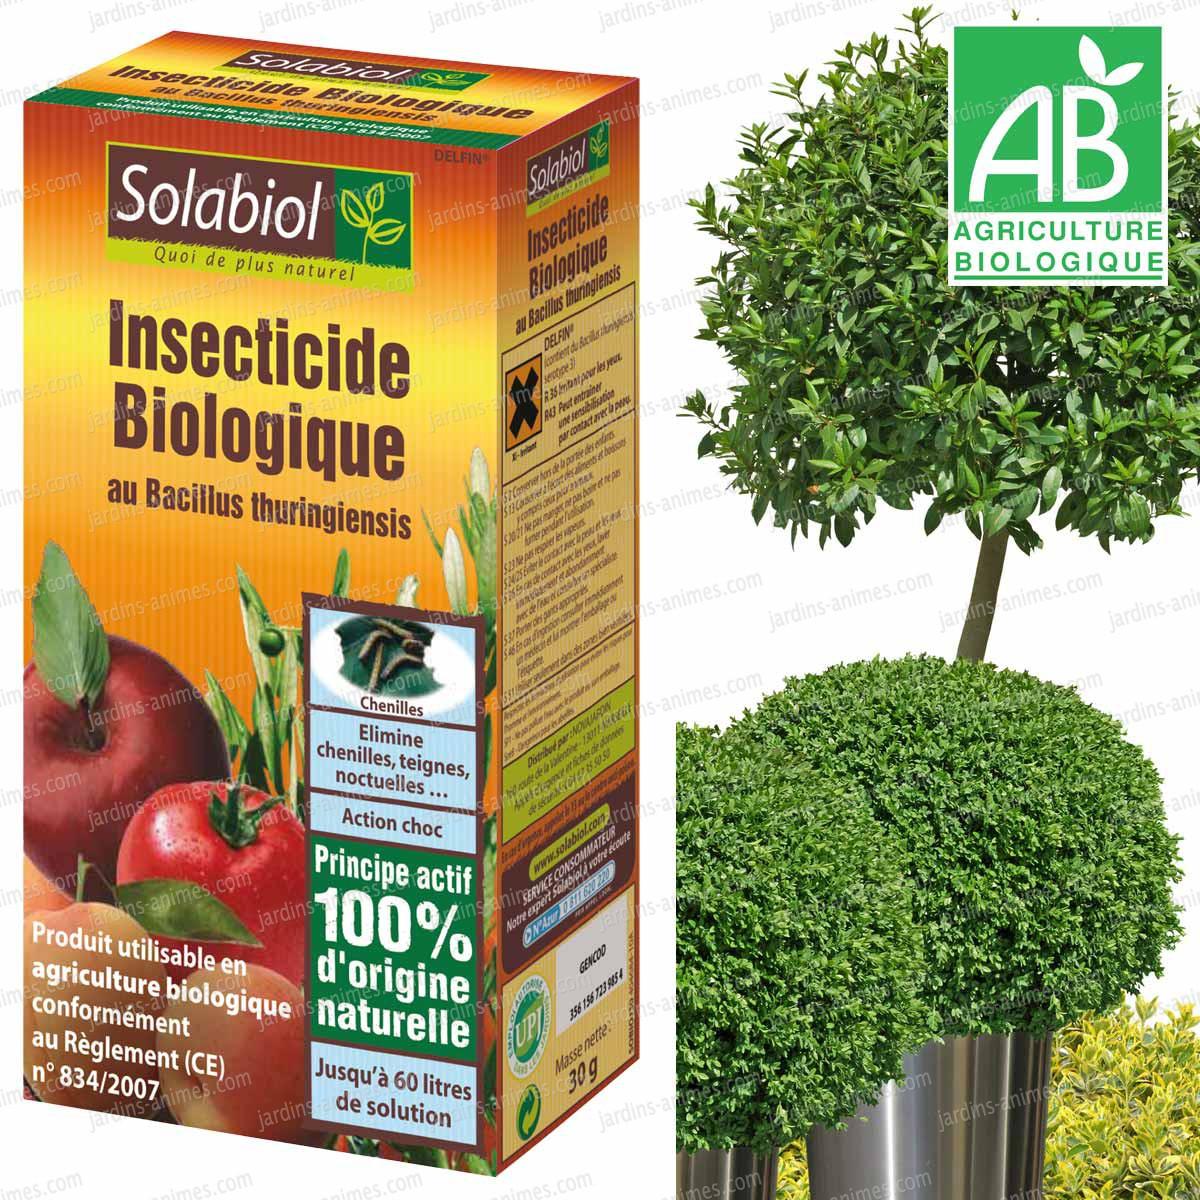 insecticide biologique au bacillus thuringiensis 30g. Black Bedroom Furniture Sets. Home Design Ideas